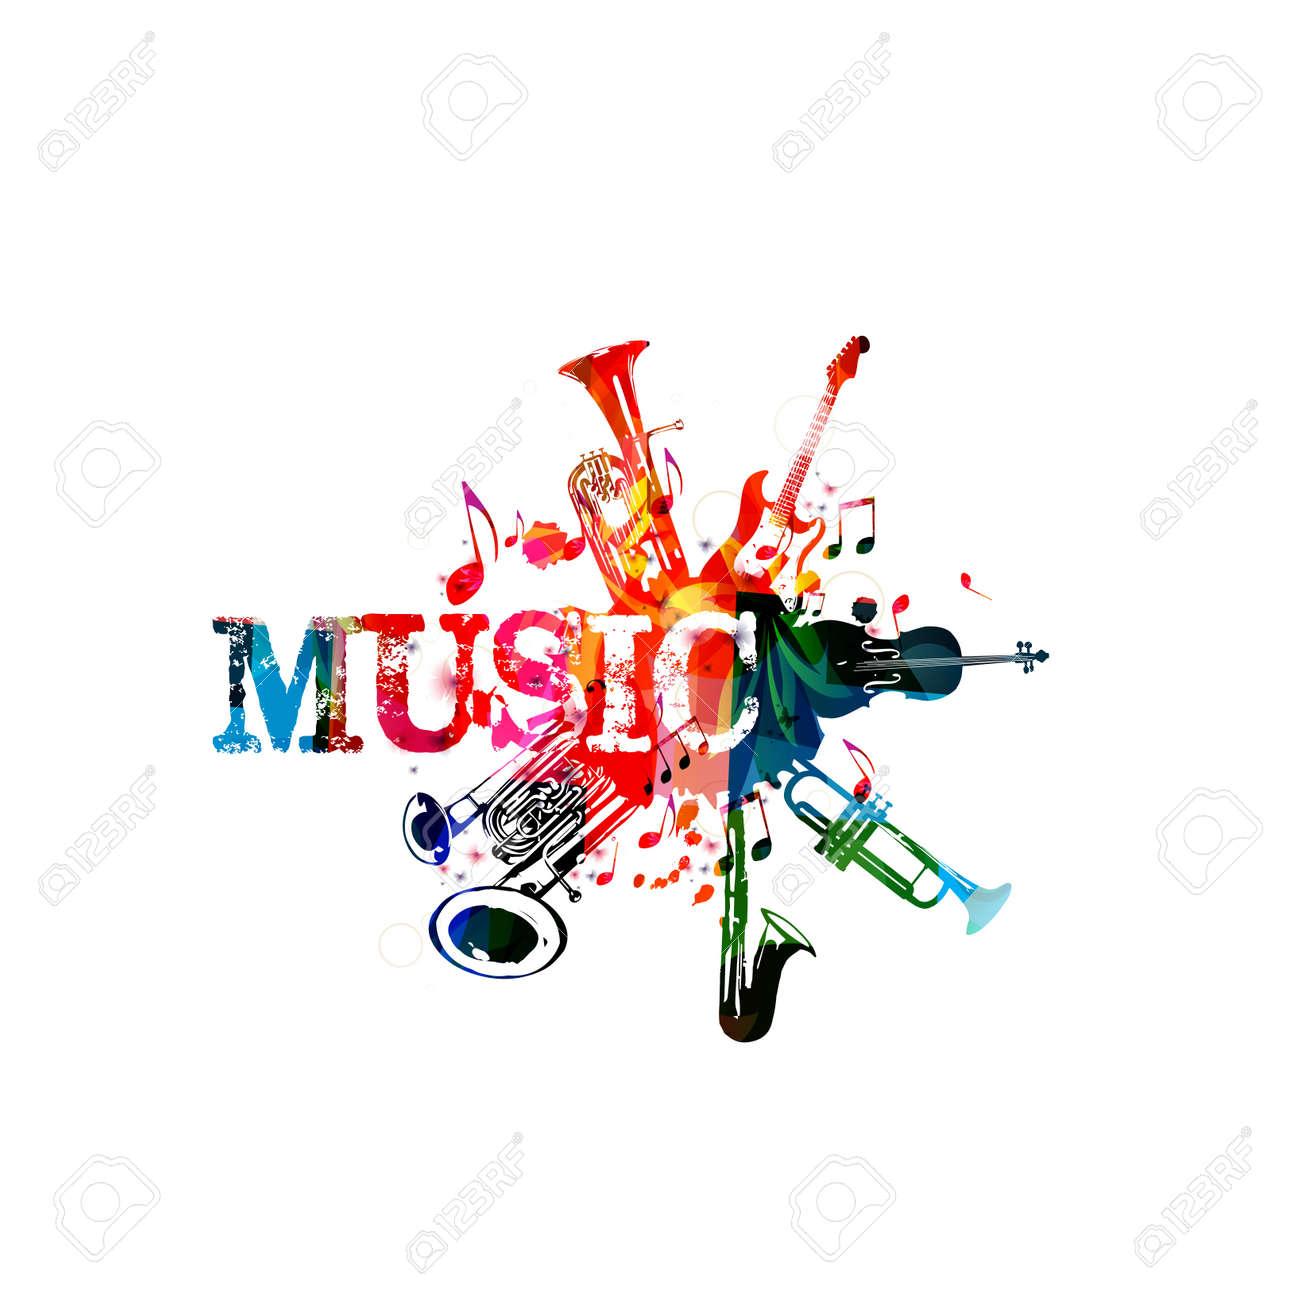 楽器と音楽のポスターカラフルなユーフォニアムベル ユーフォニアム